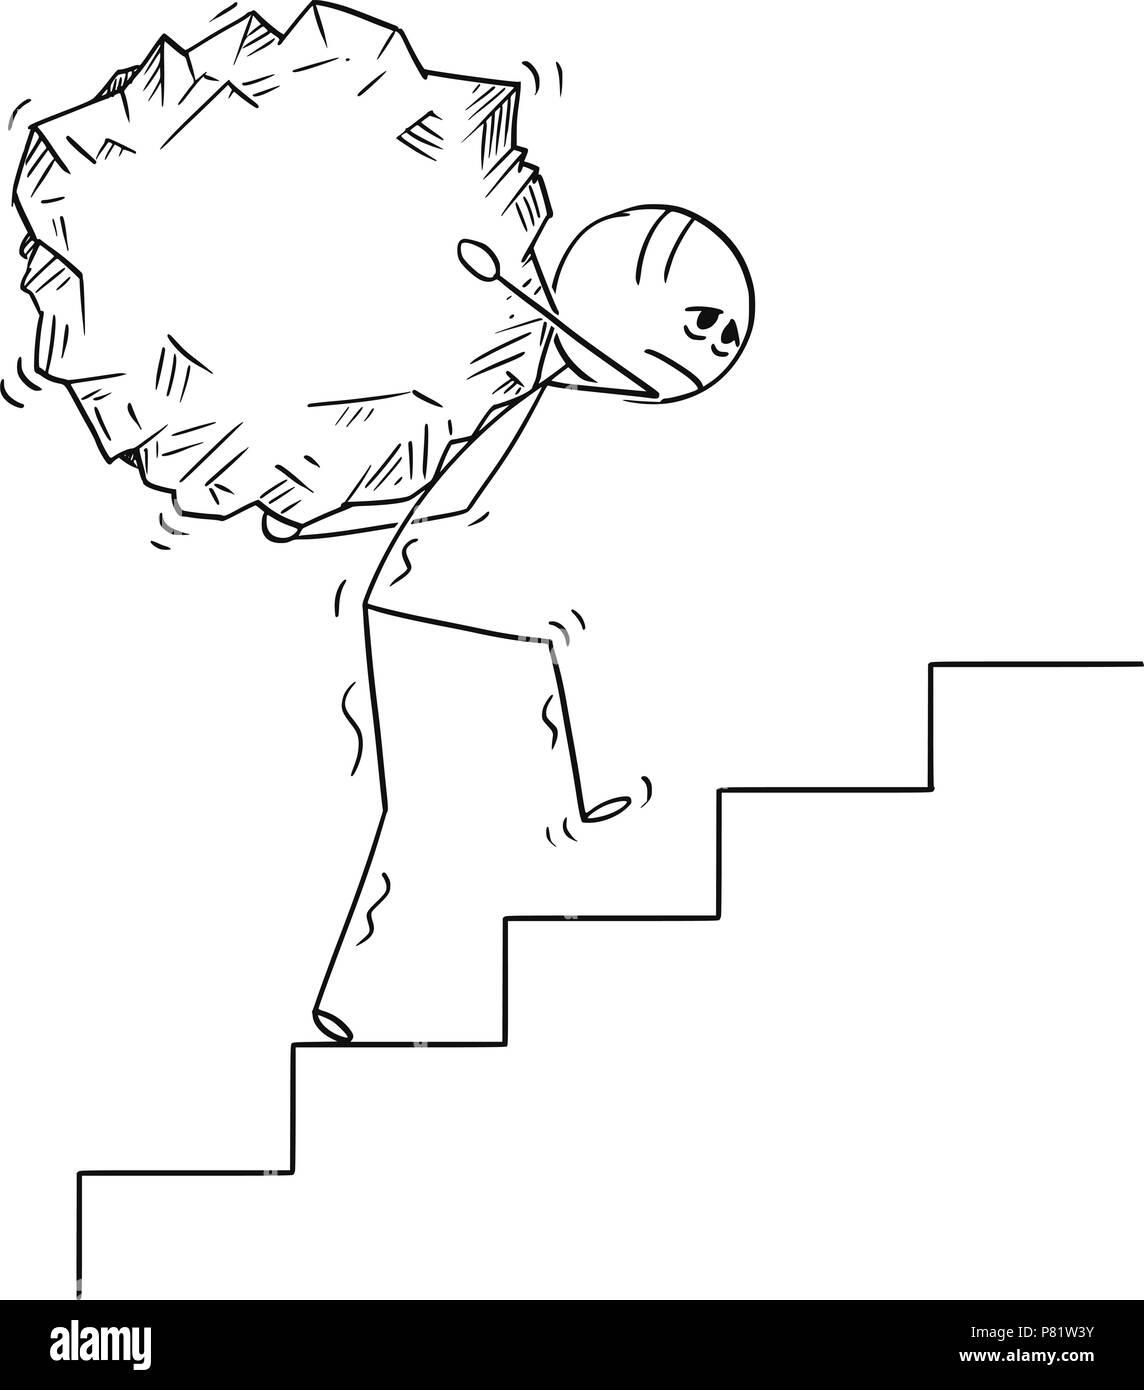 Cartoon of Man Carrying Big Piece of Rock Upstairs - Stock Image